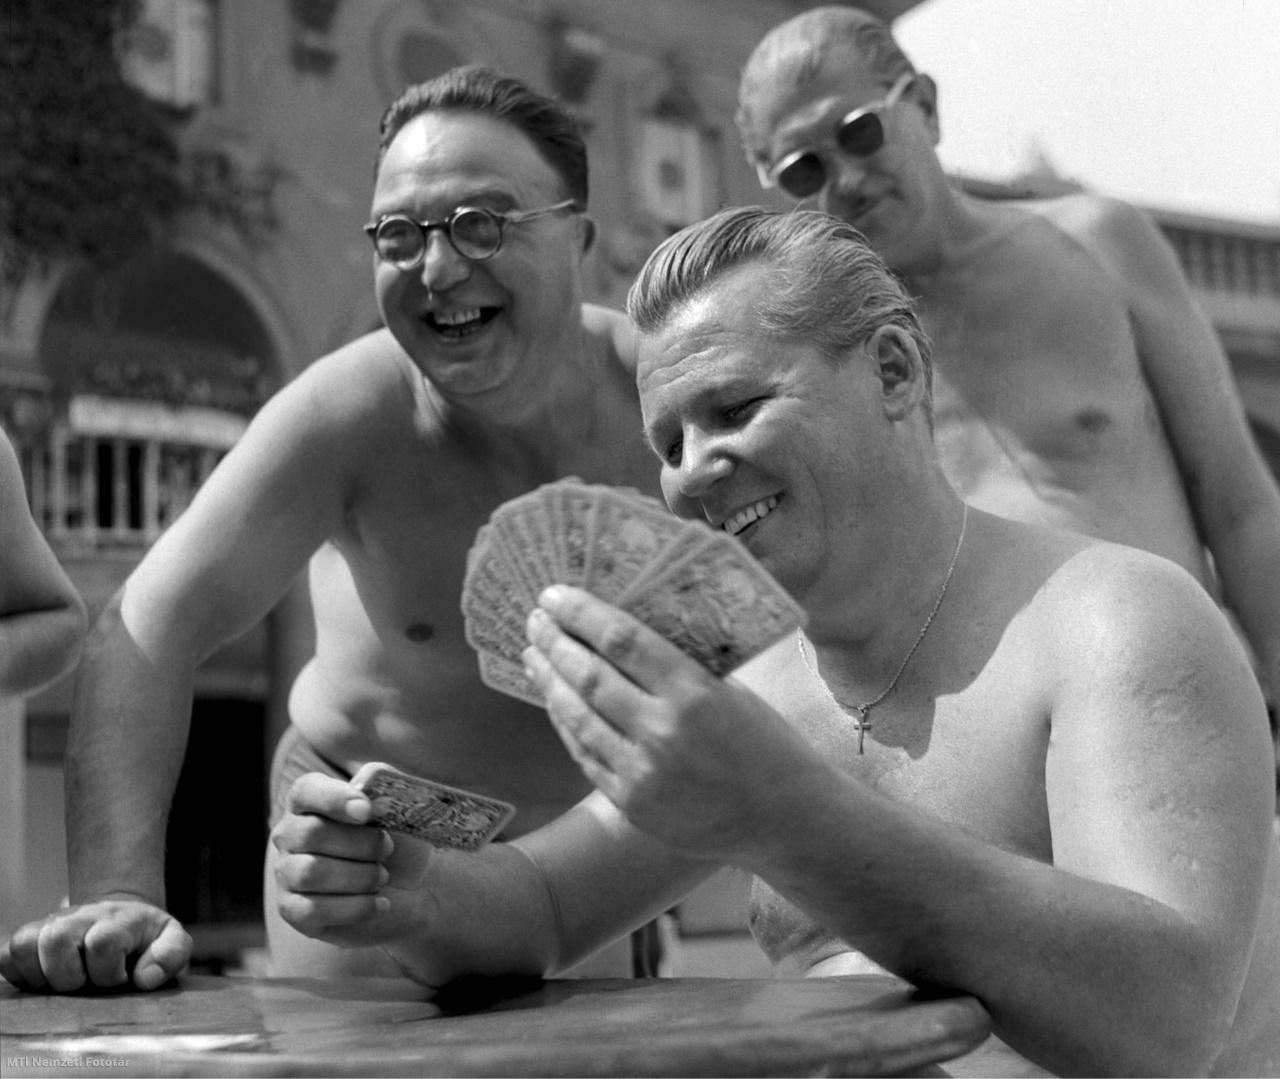 Kártyázó férfiak a Széchenyi fürdőben 1958. július 10-én.